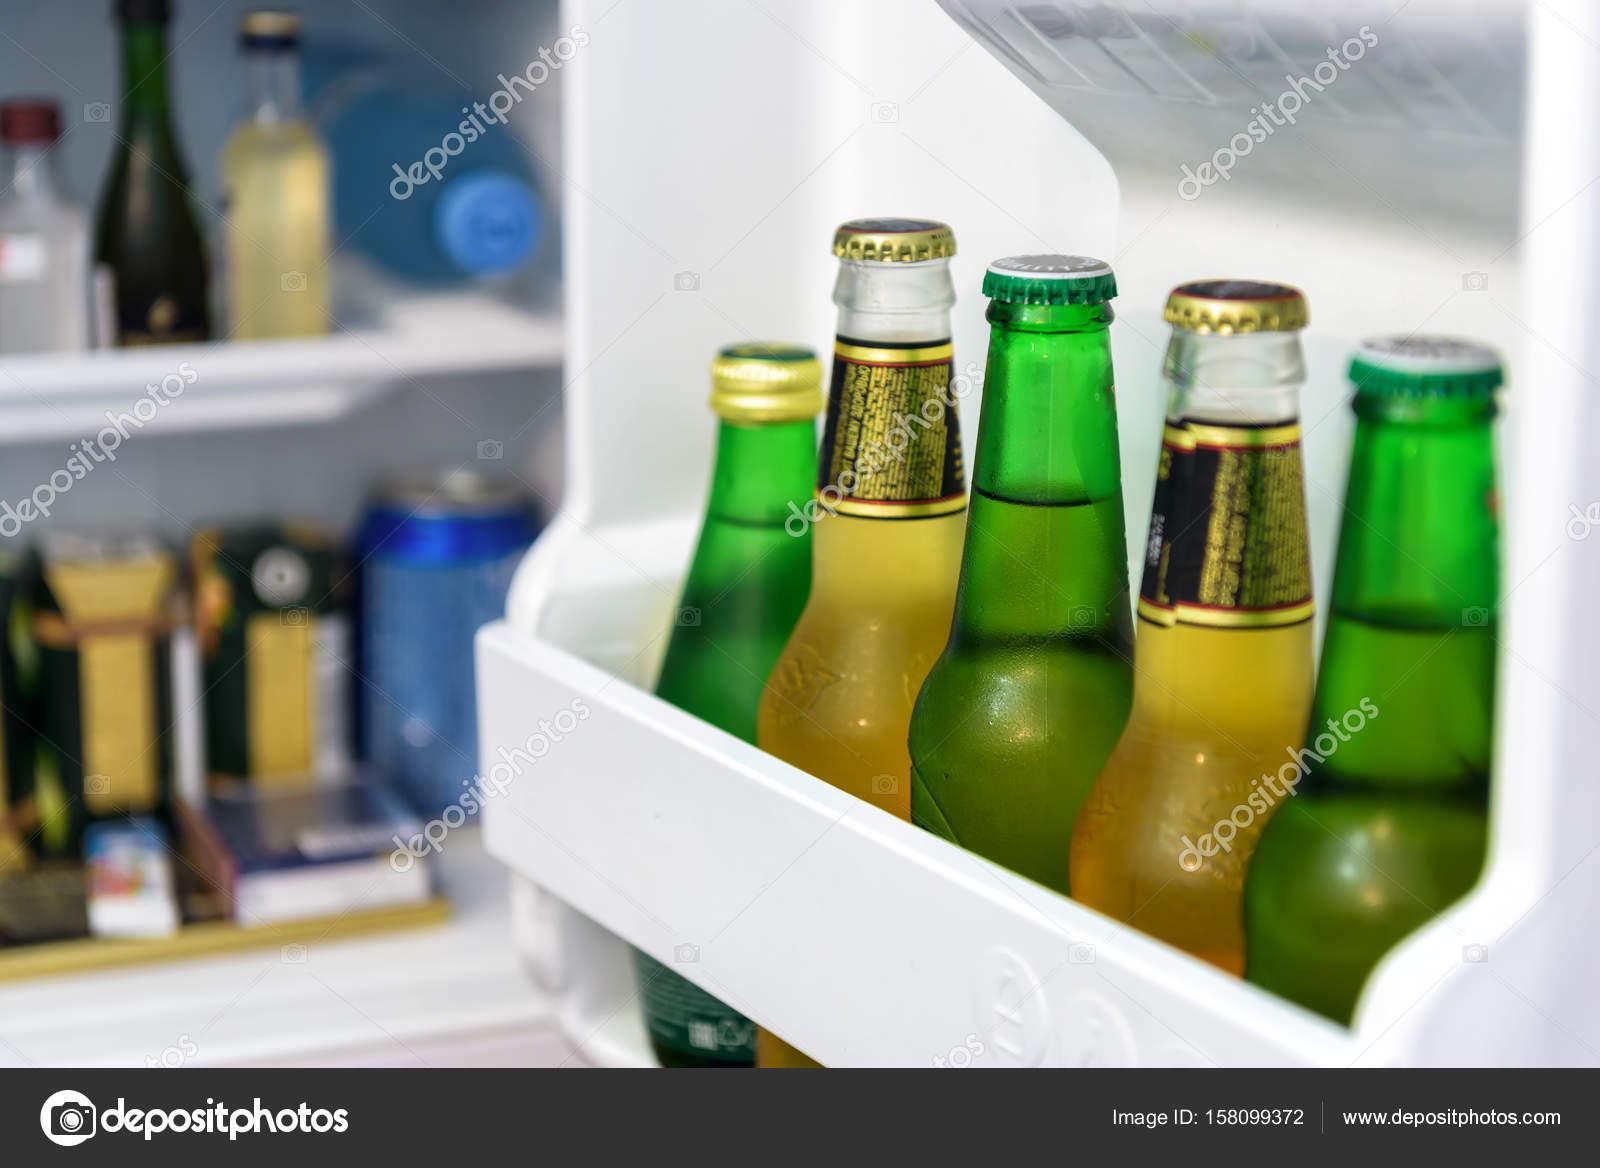 Mini Kühlschrank Für Bier : Mini kühlschrank voller flaschen in einem hotelzimmer u stockfoto